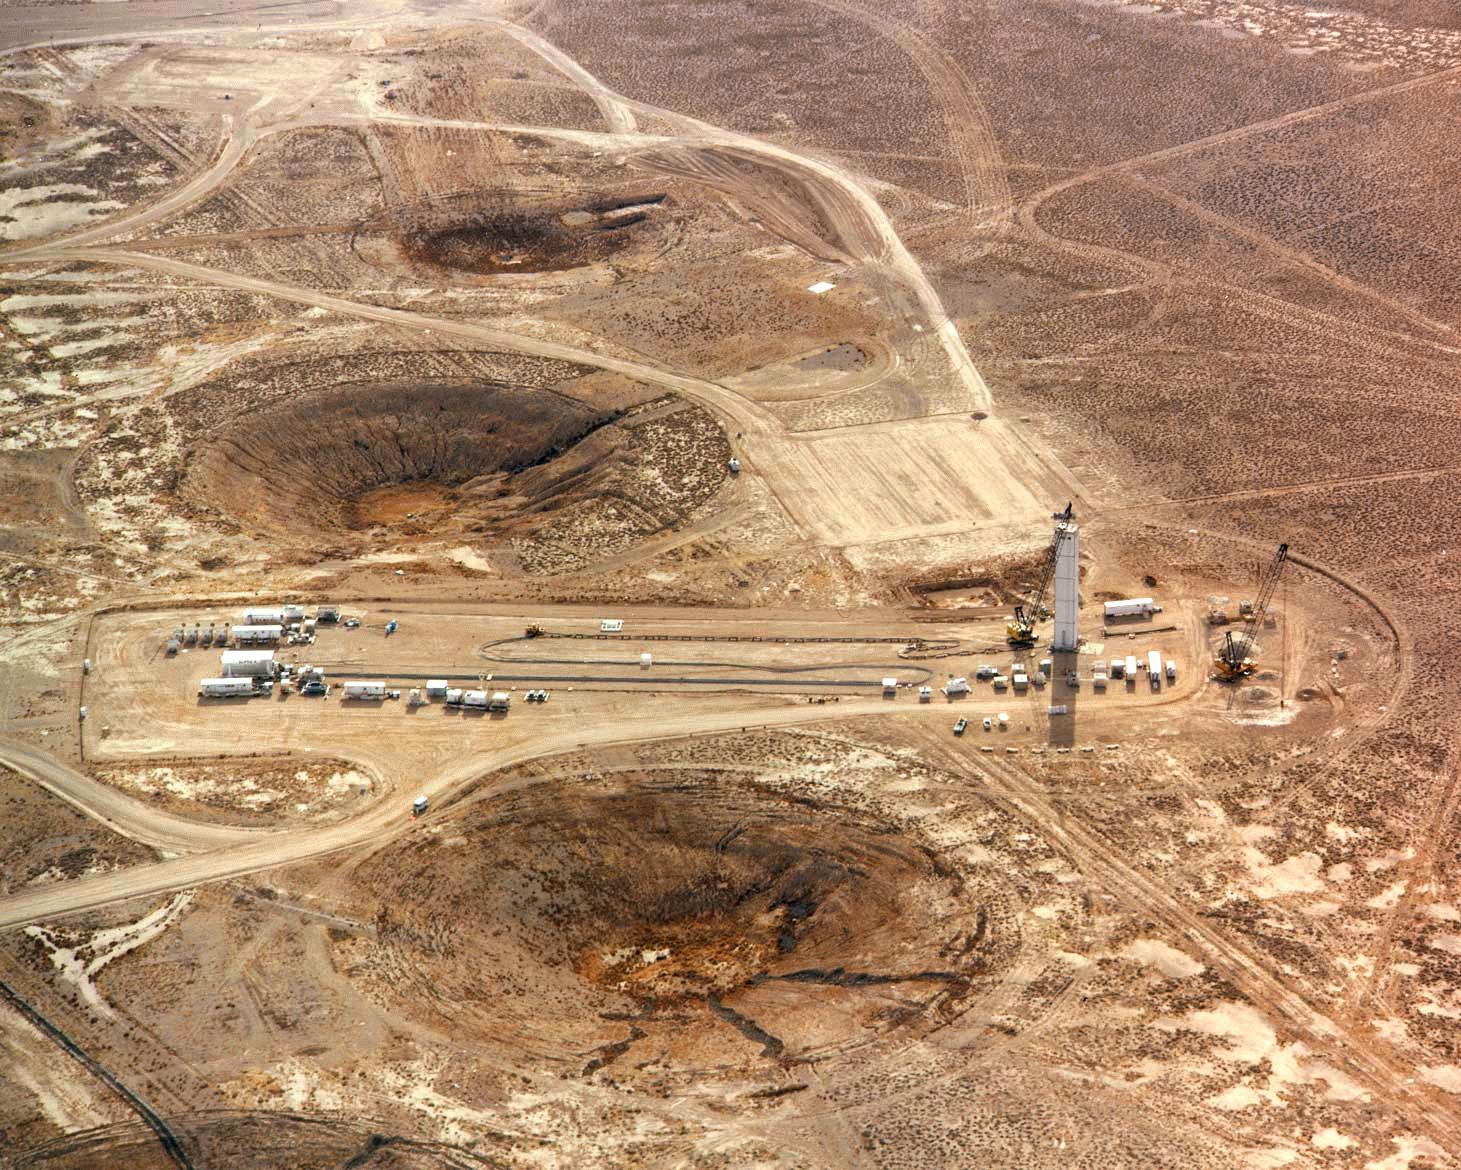 Закрытие ядерного испытательного полигона в Семипалатинске – это шаг к независимости Казахстана